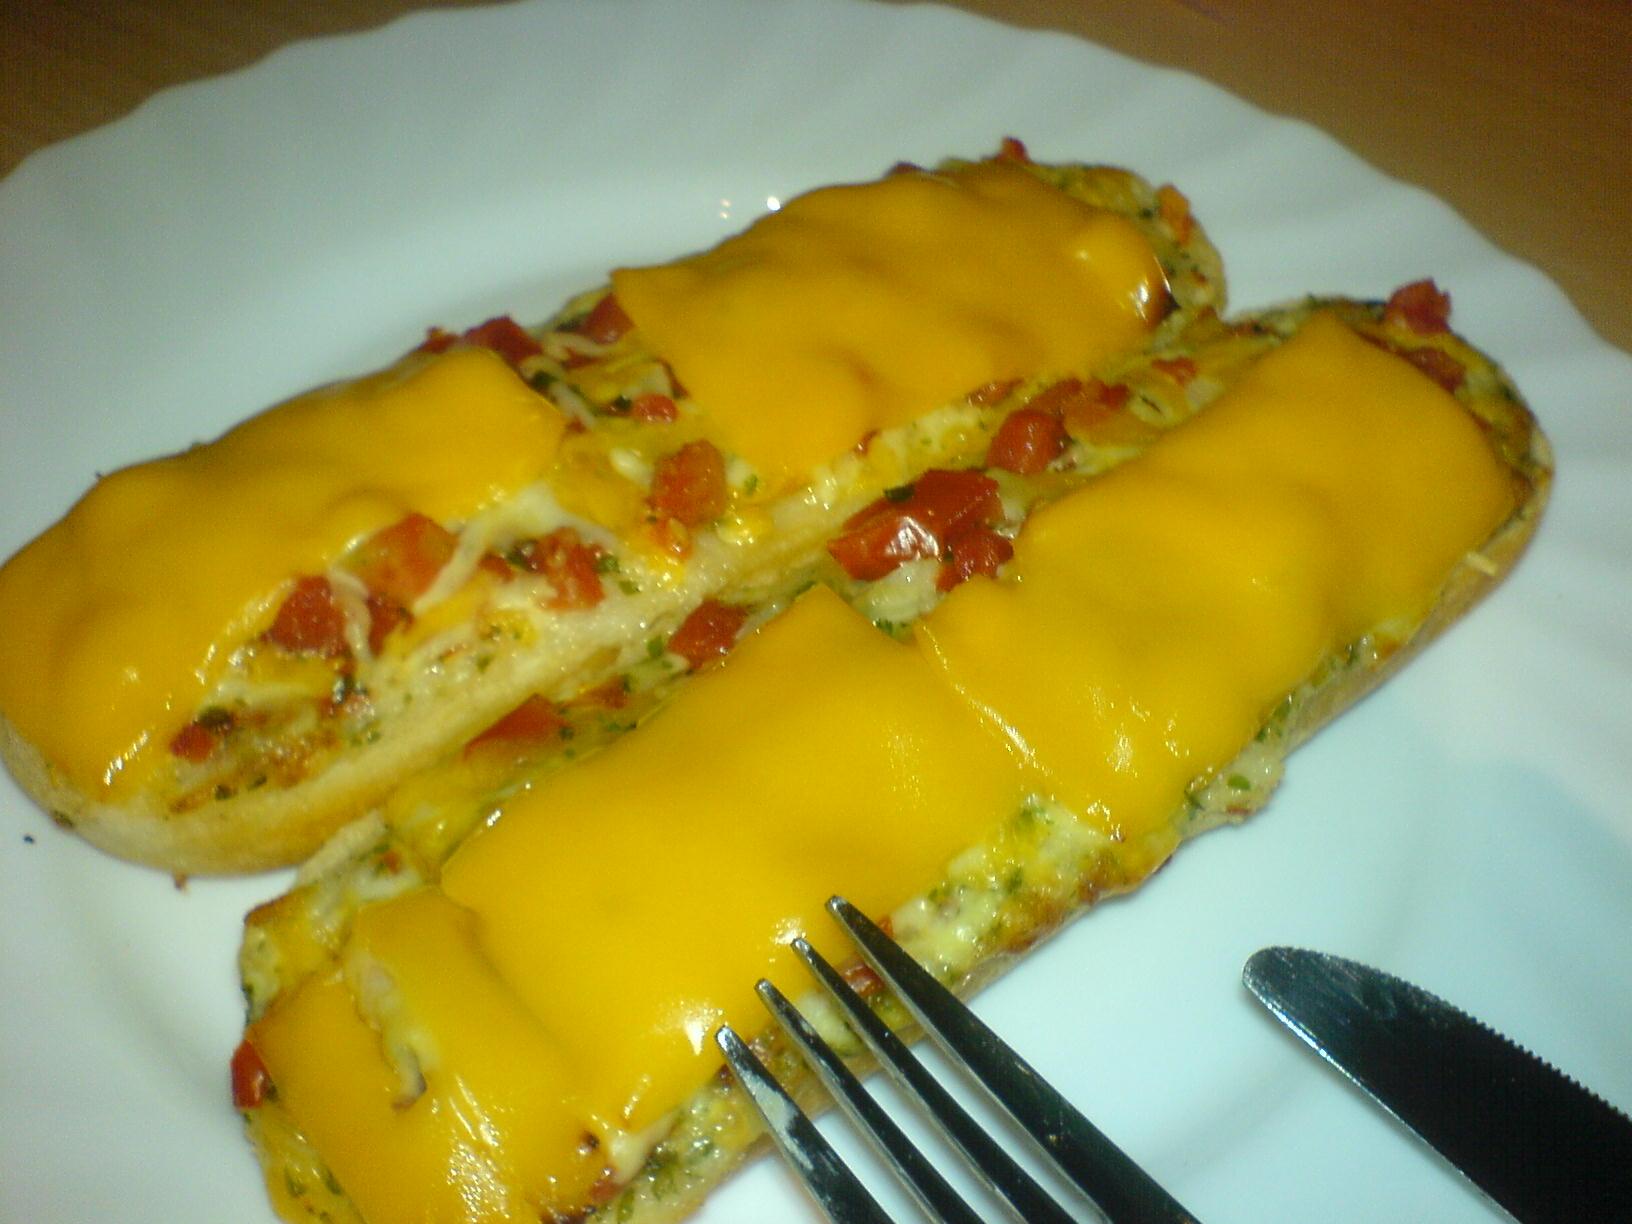 https://foodloader.net/Holz_2008-02-05_Bistro-Baguettes.jpg